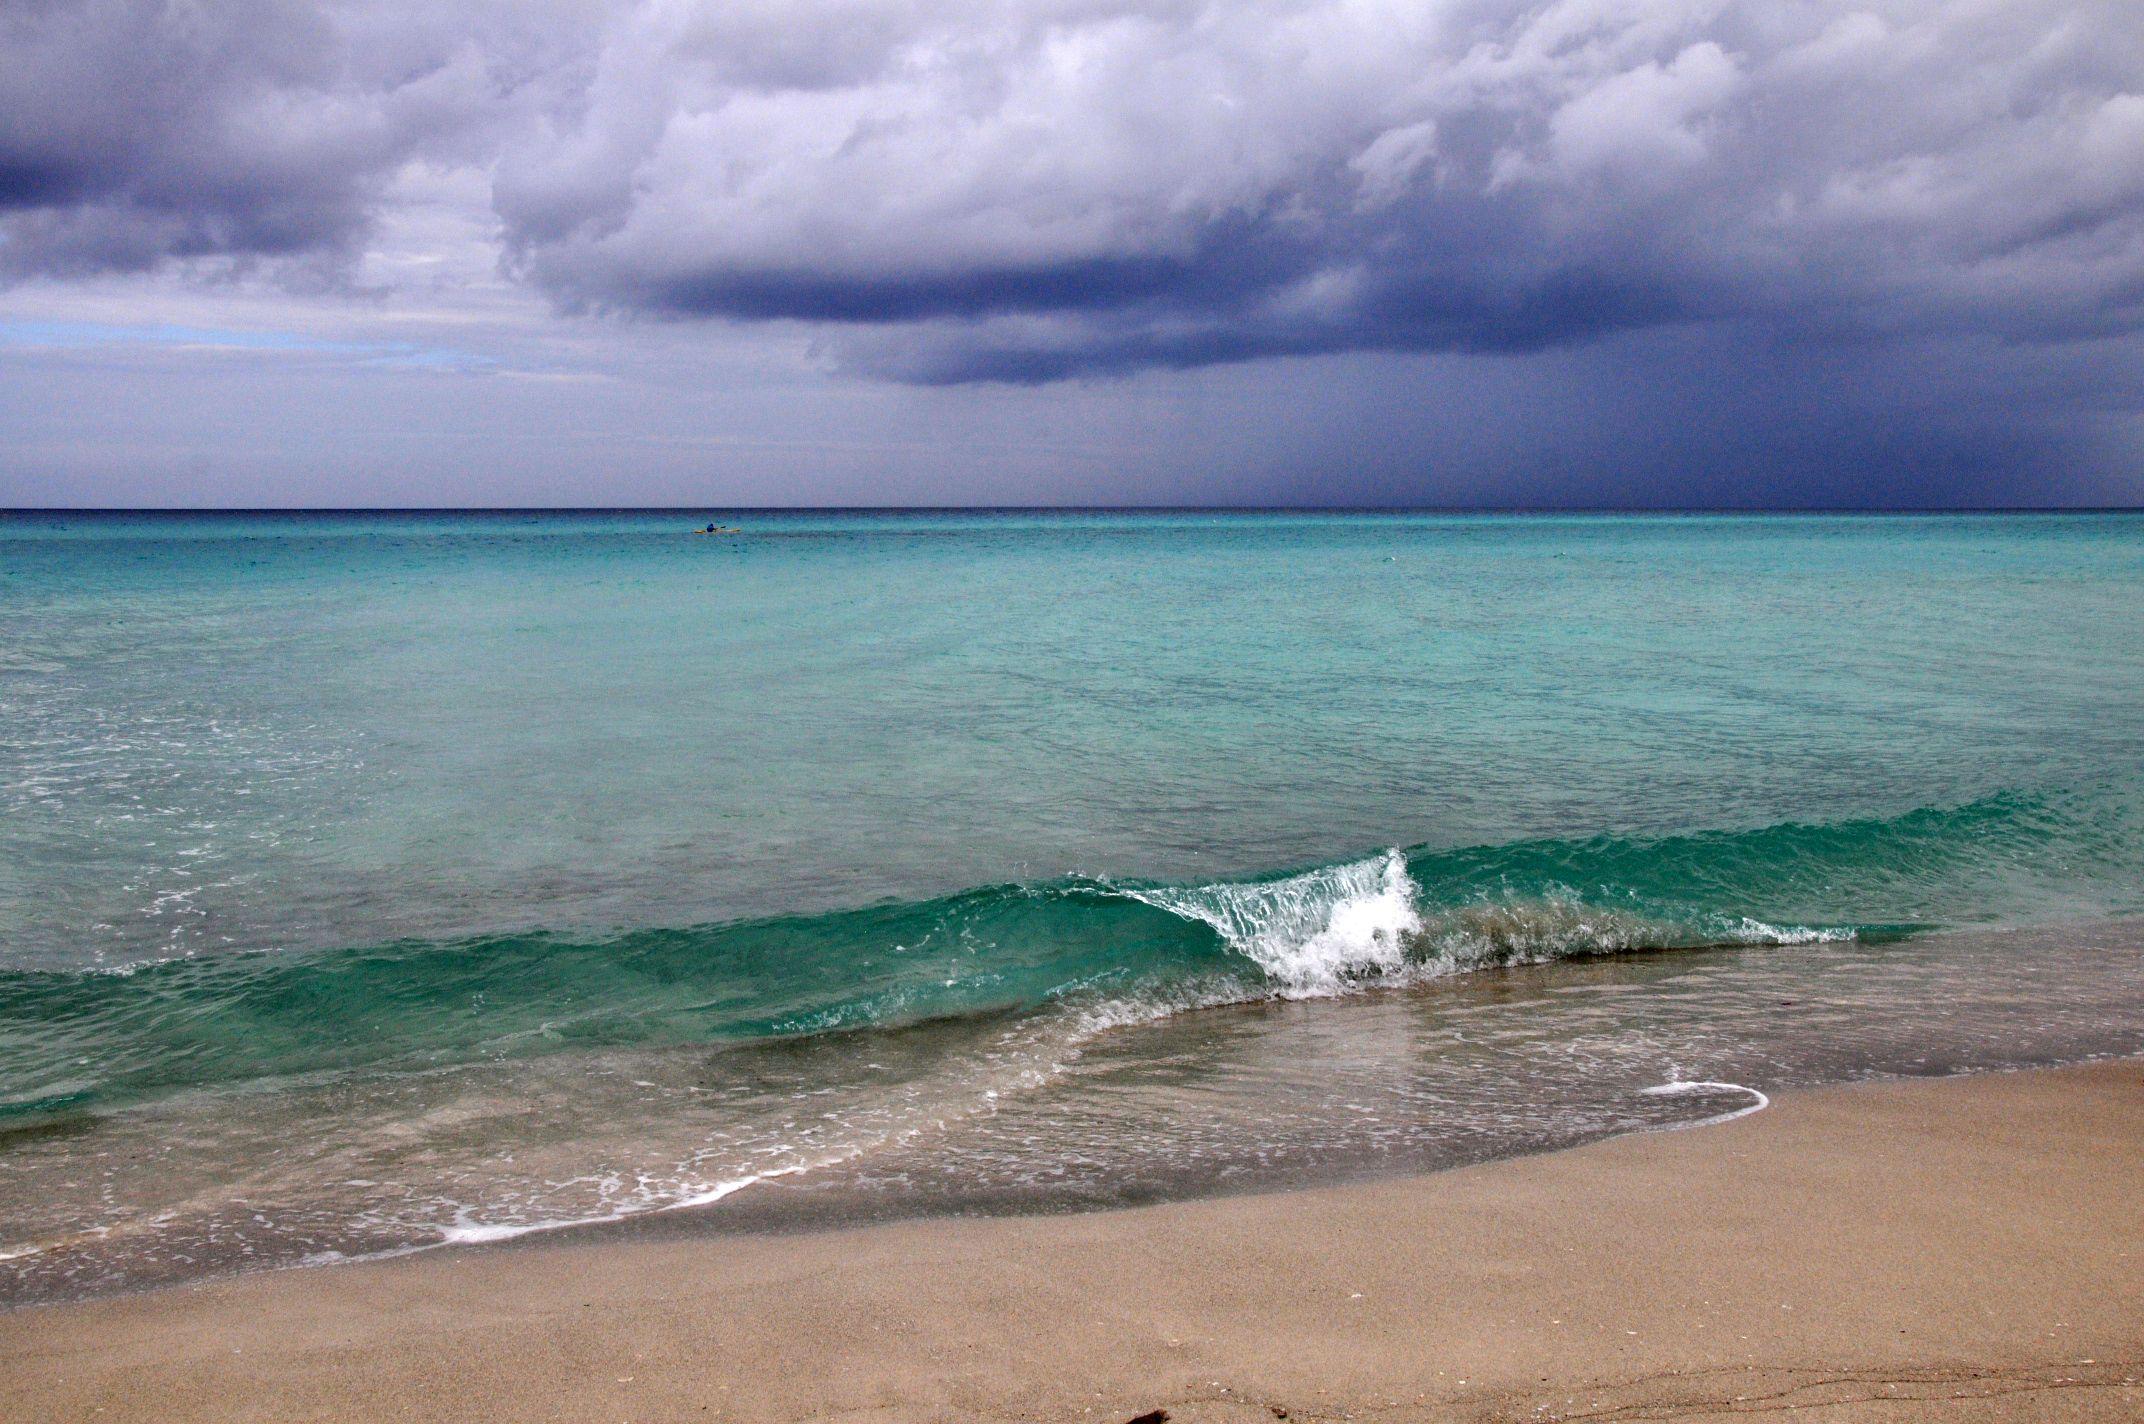 Skachat Oboi Priroda More Okean Pejzazh Kuba Leto Razdel